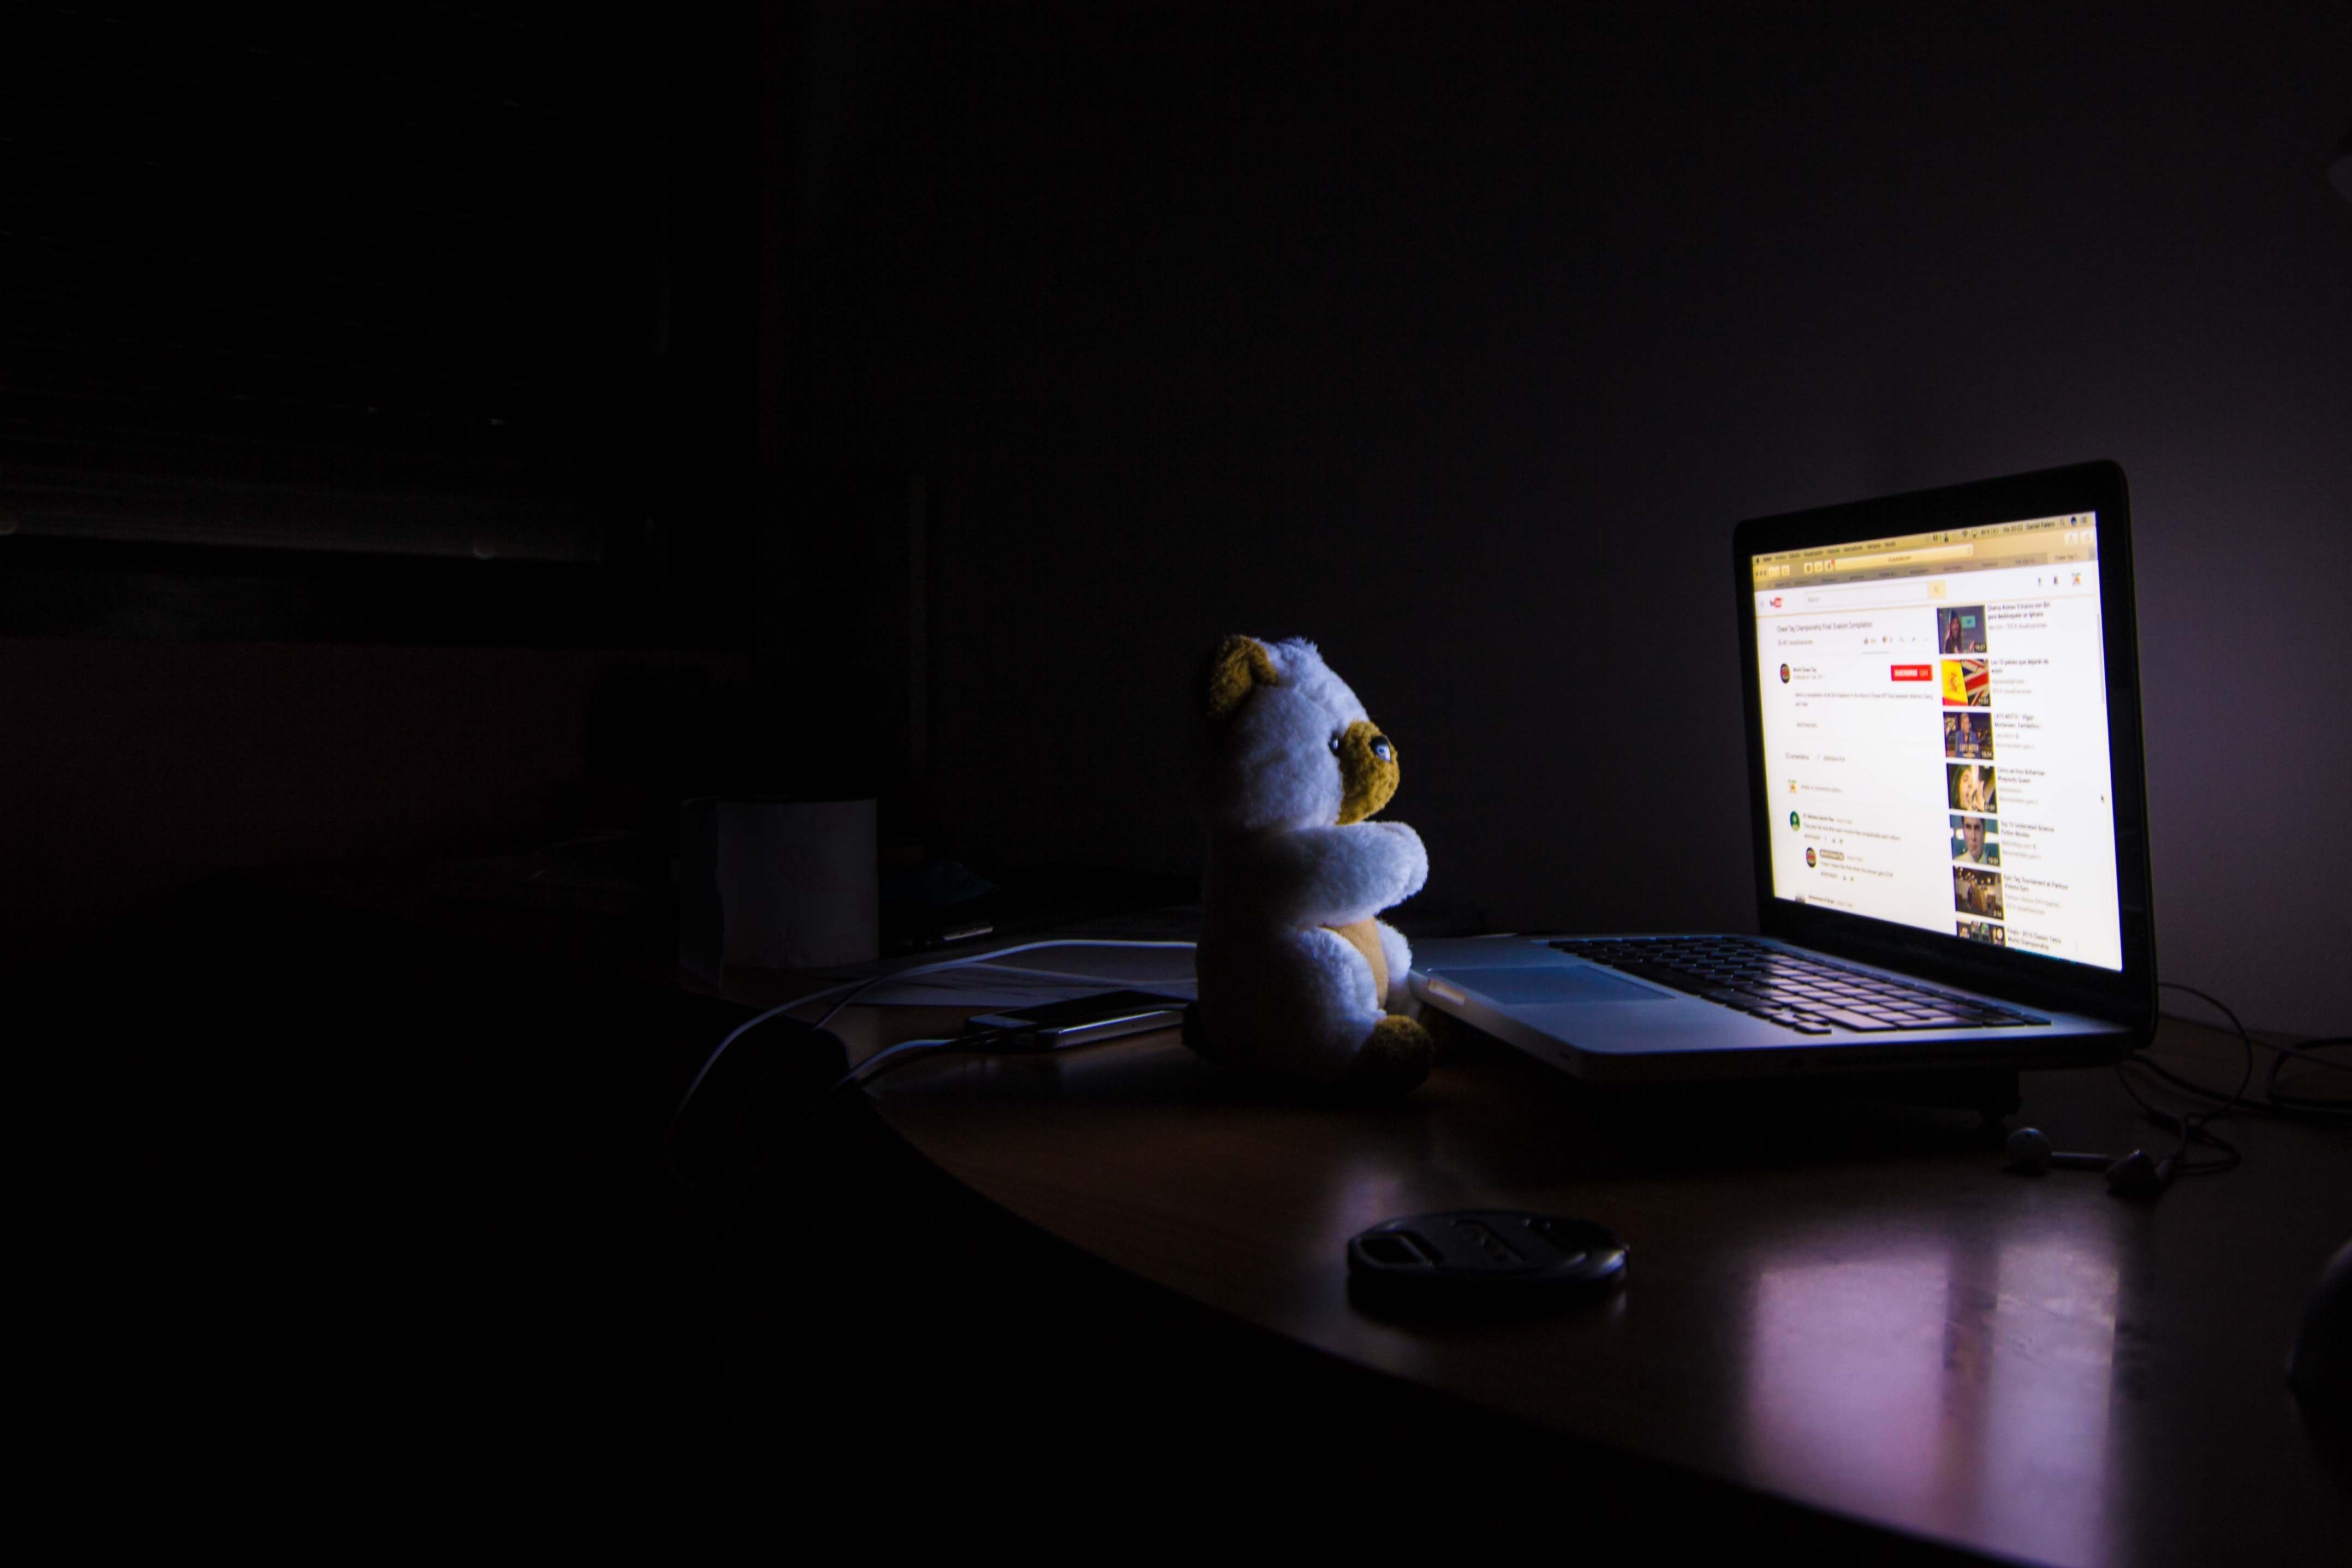 bear-business-computer-461497.jpg